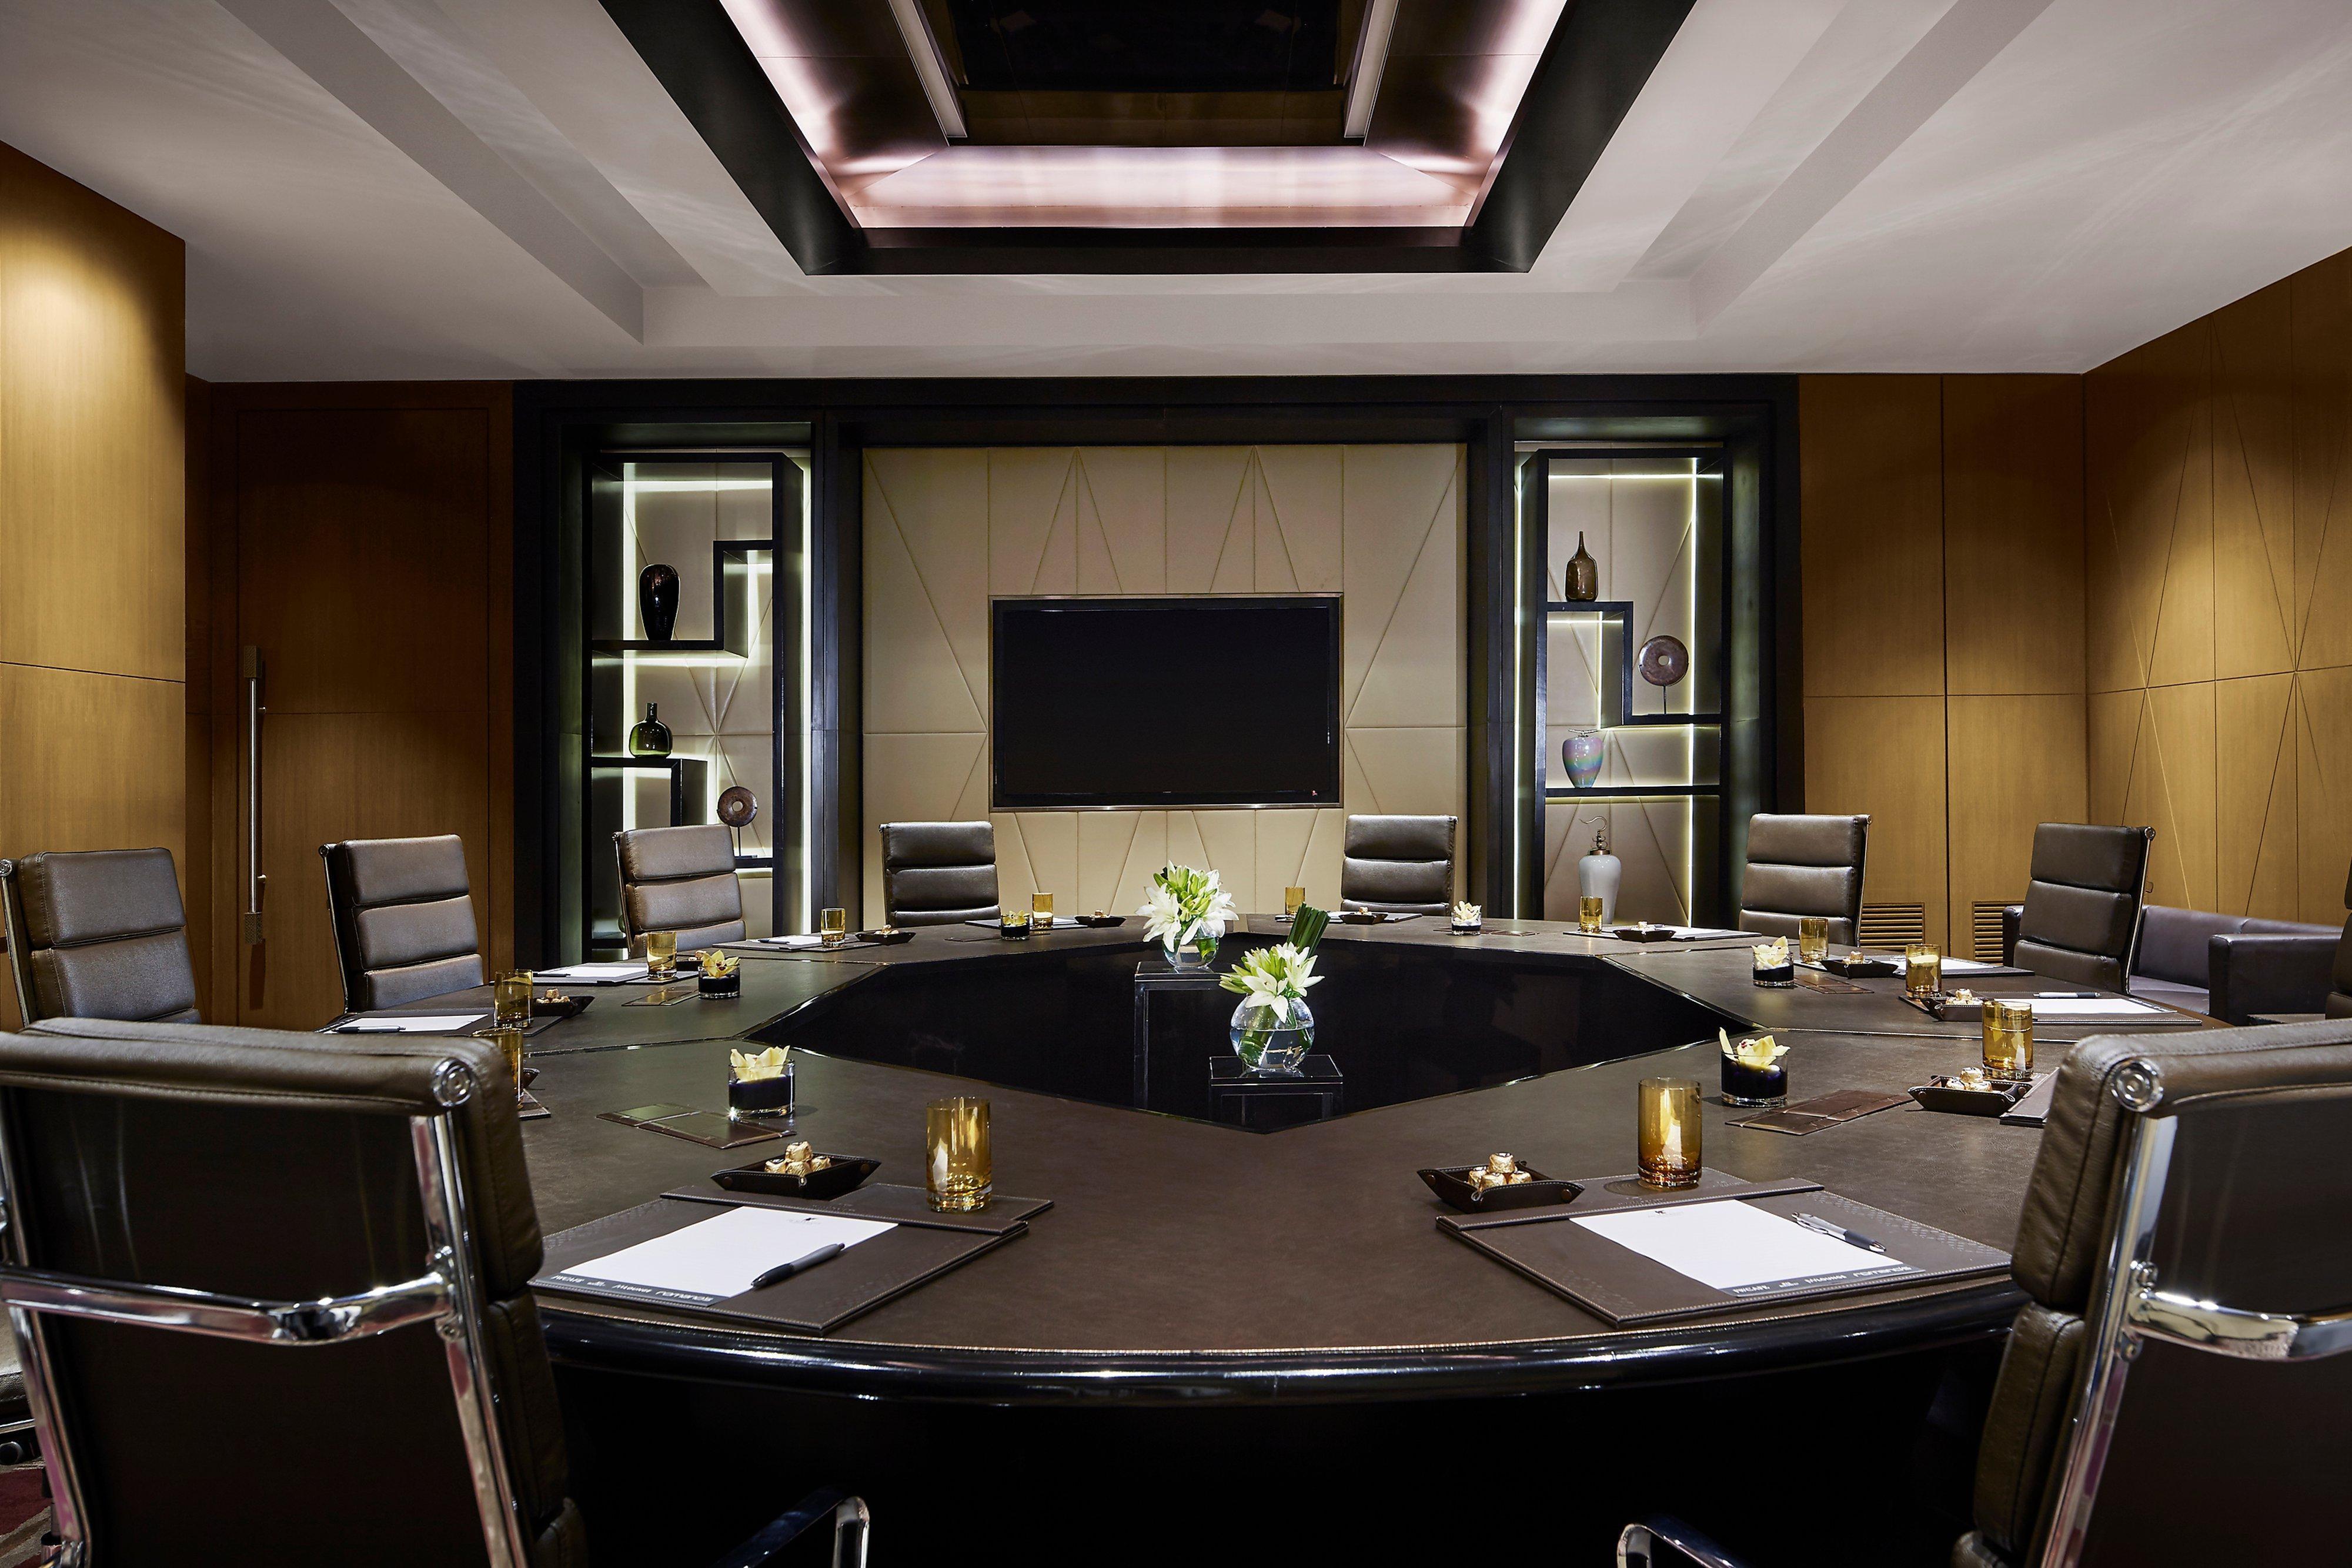 ムンバイ、アンデーリのホテルのボードルーム